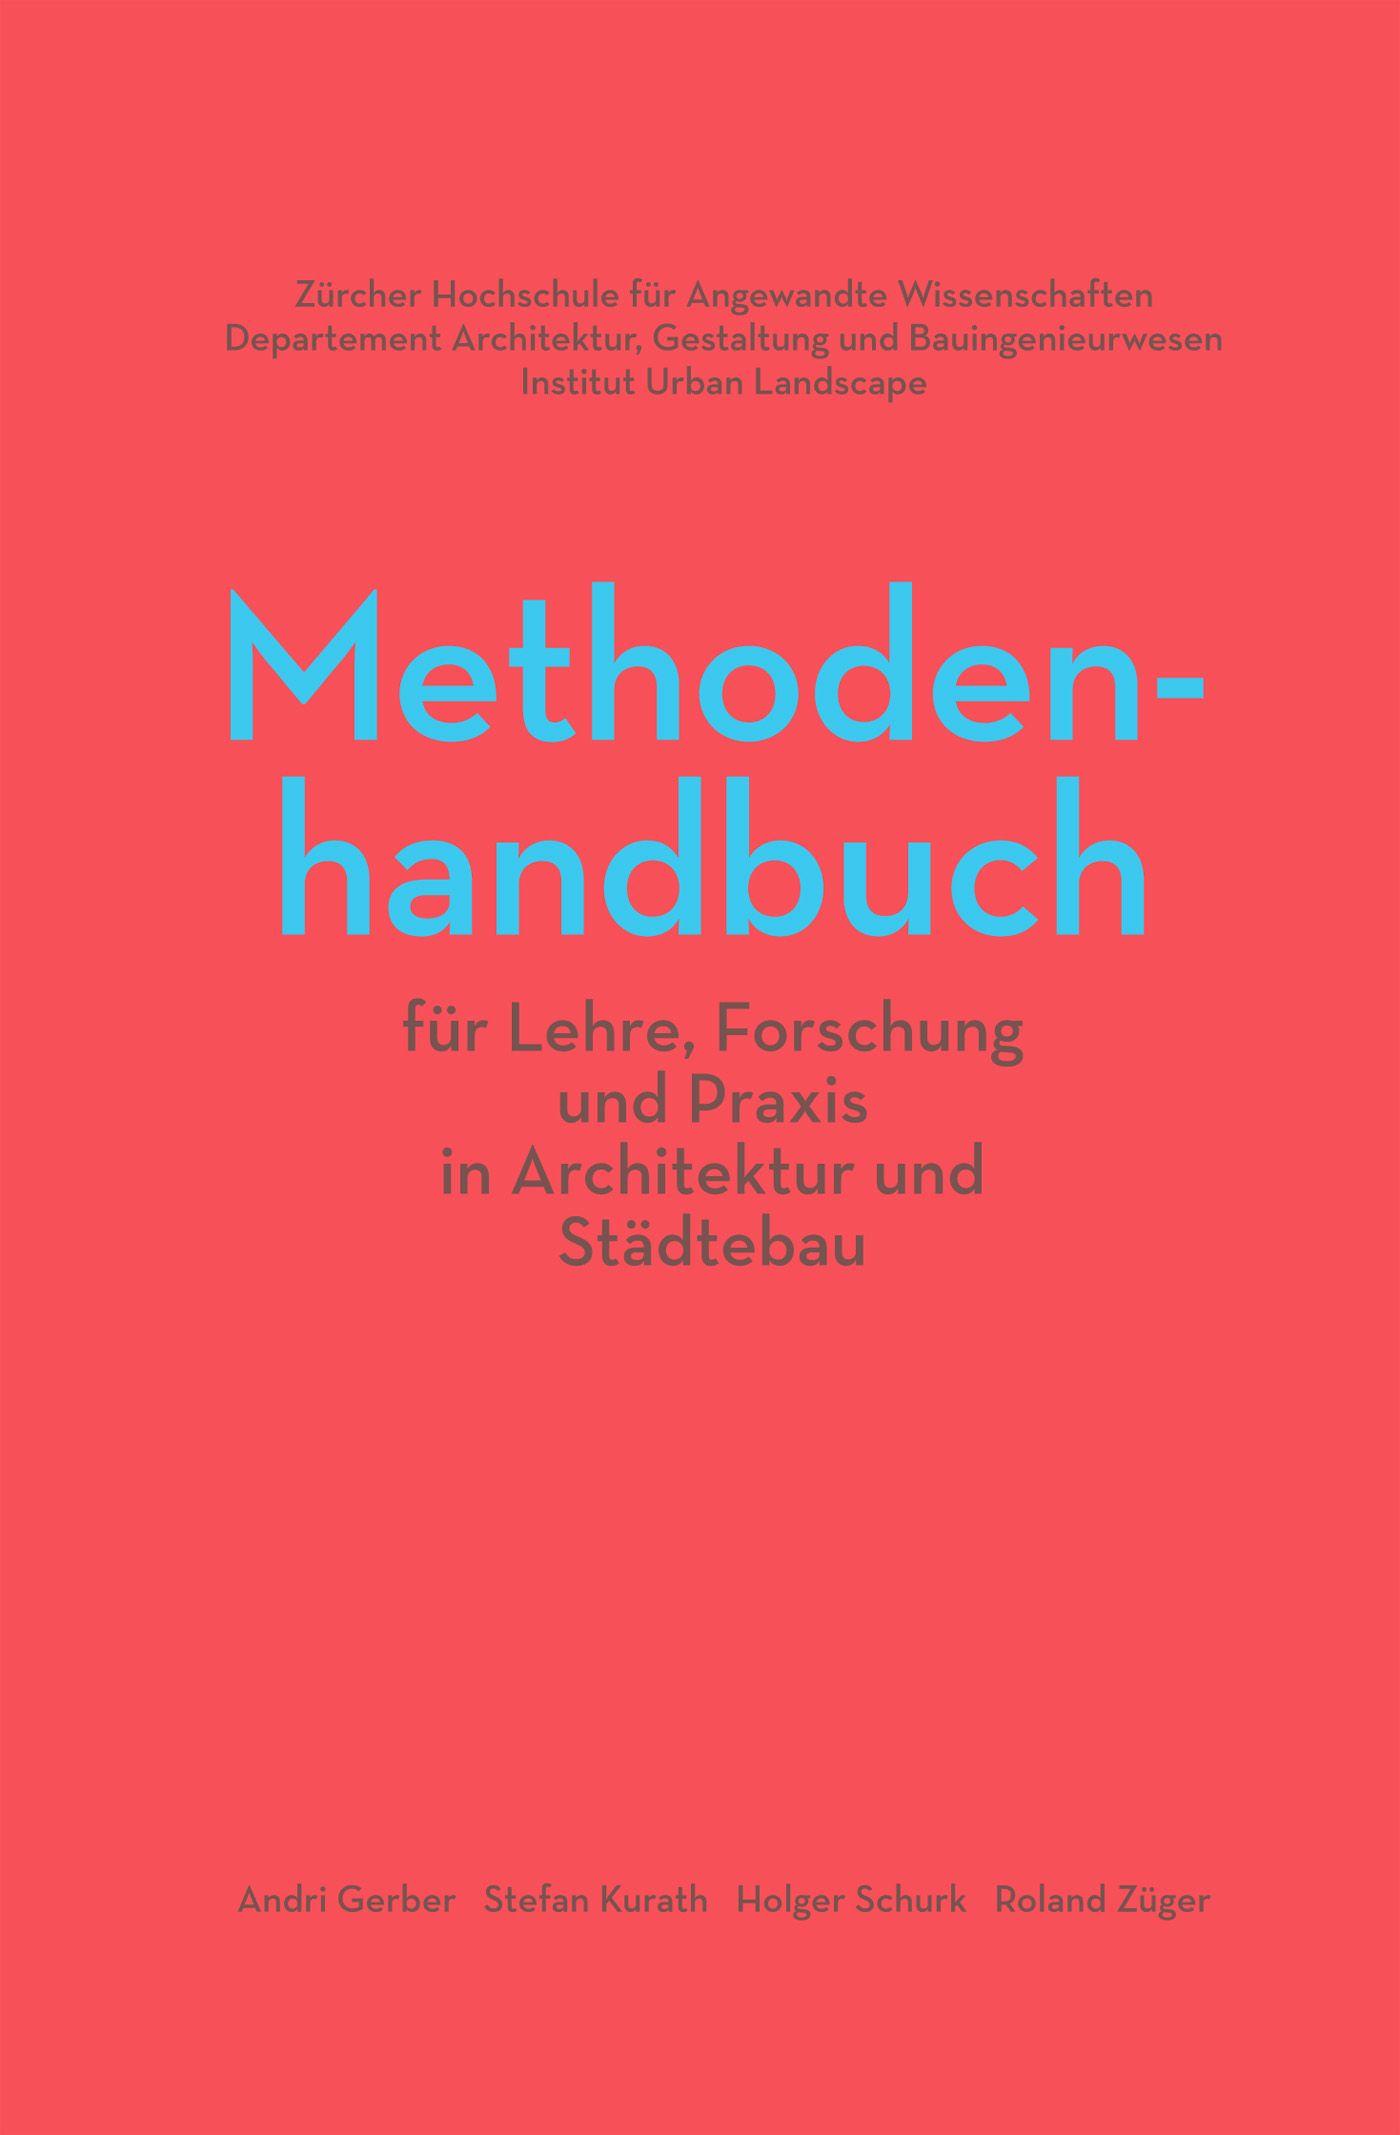 Architekt Lehre methodenhandbuch für lehre forschung und praxis in architektur und s